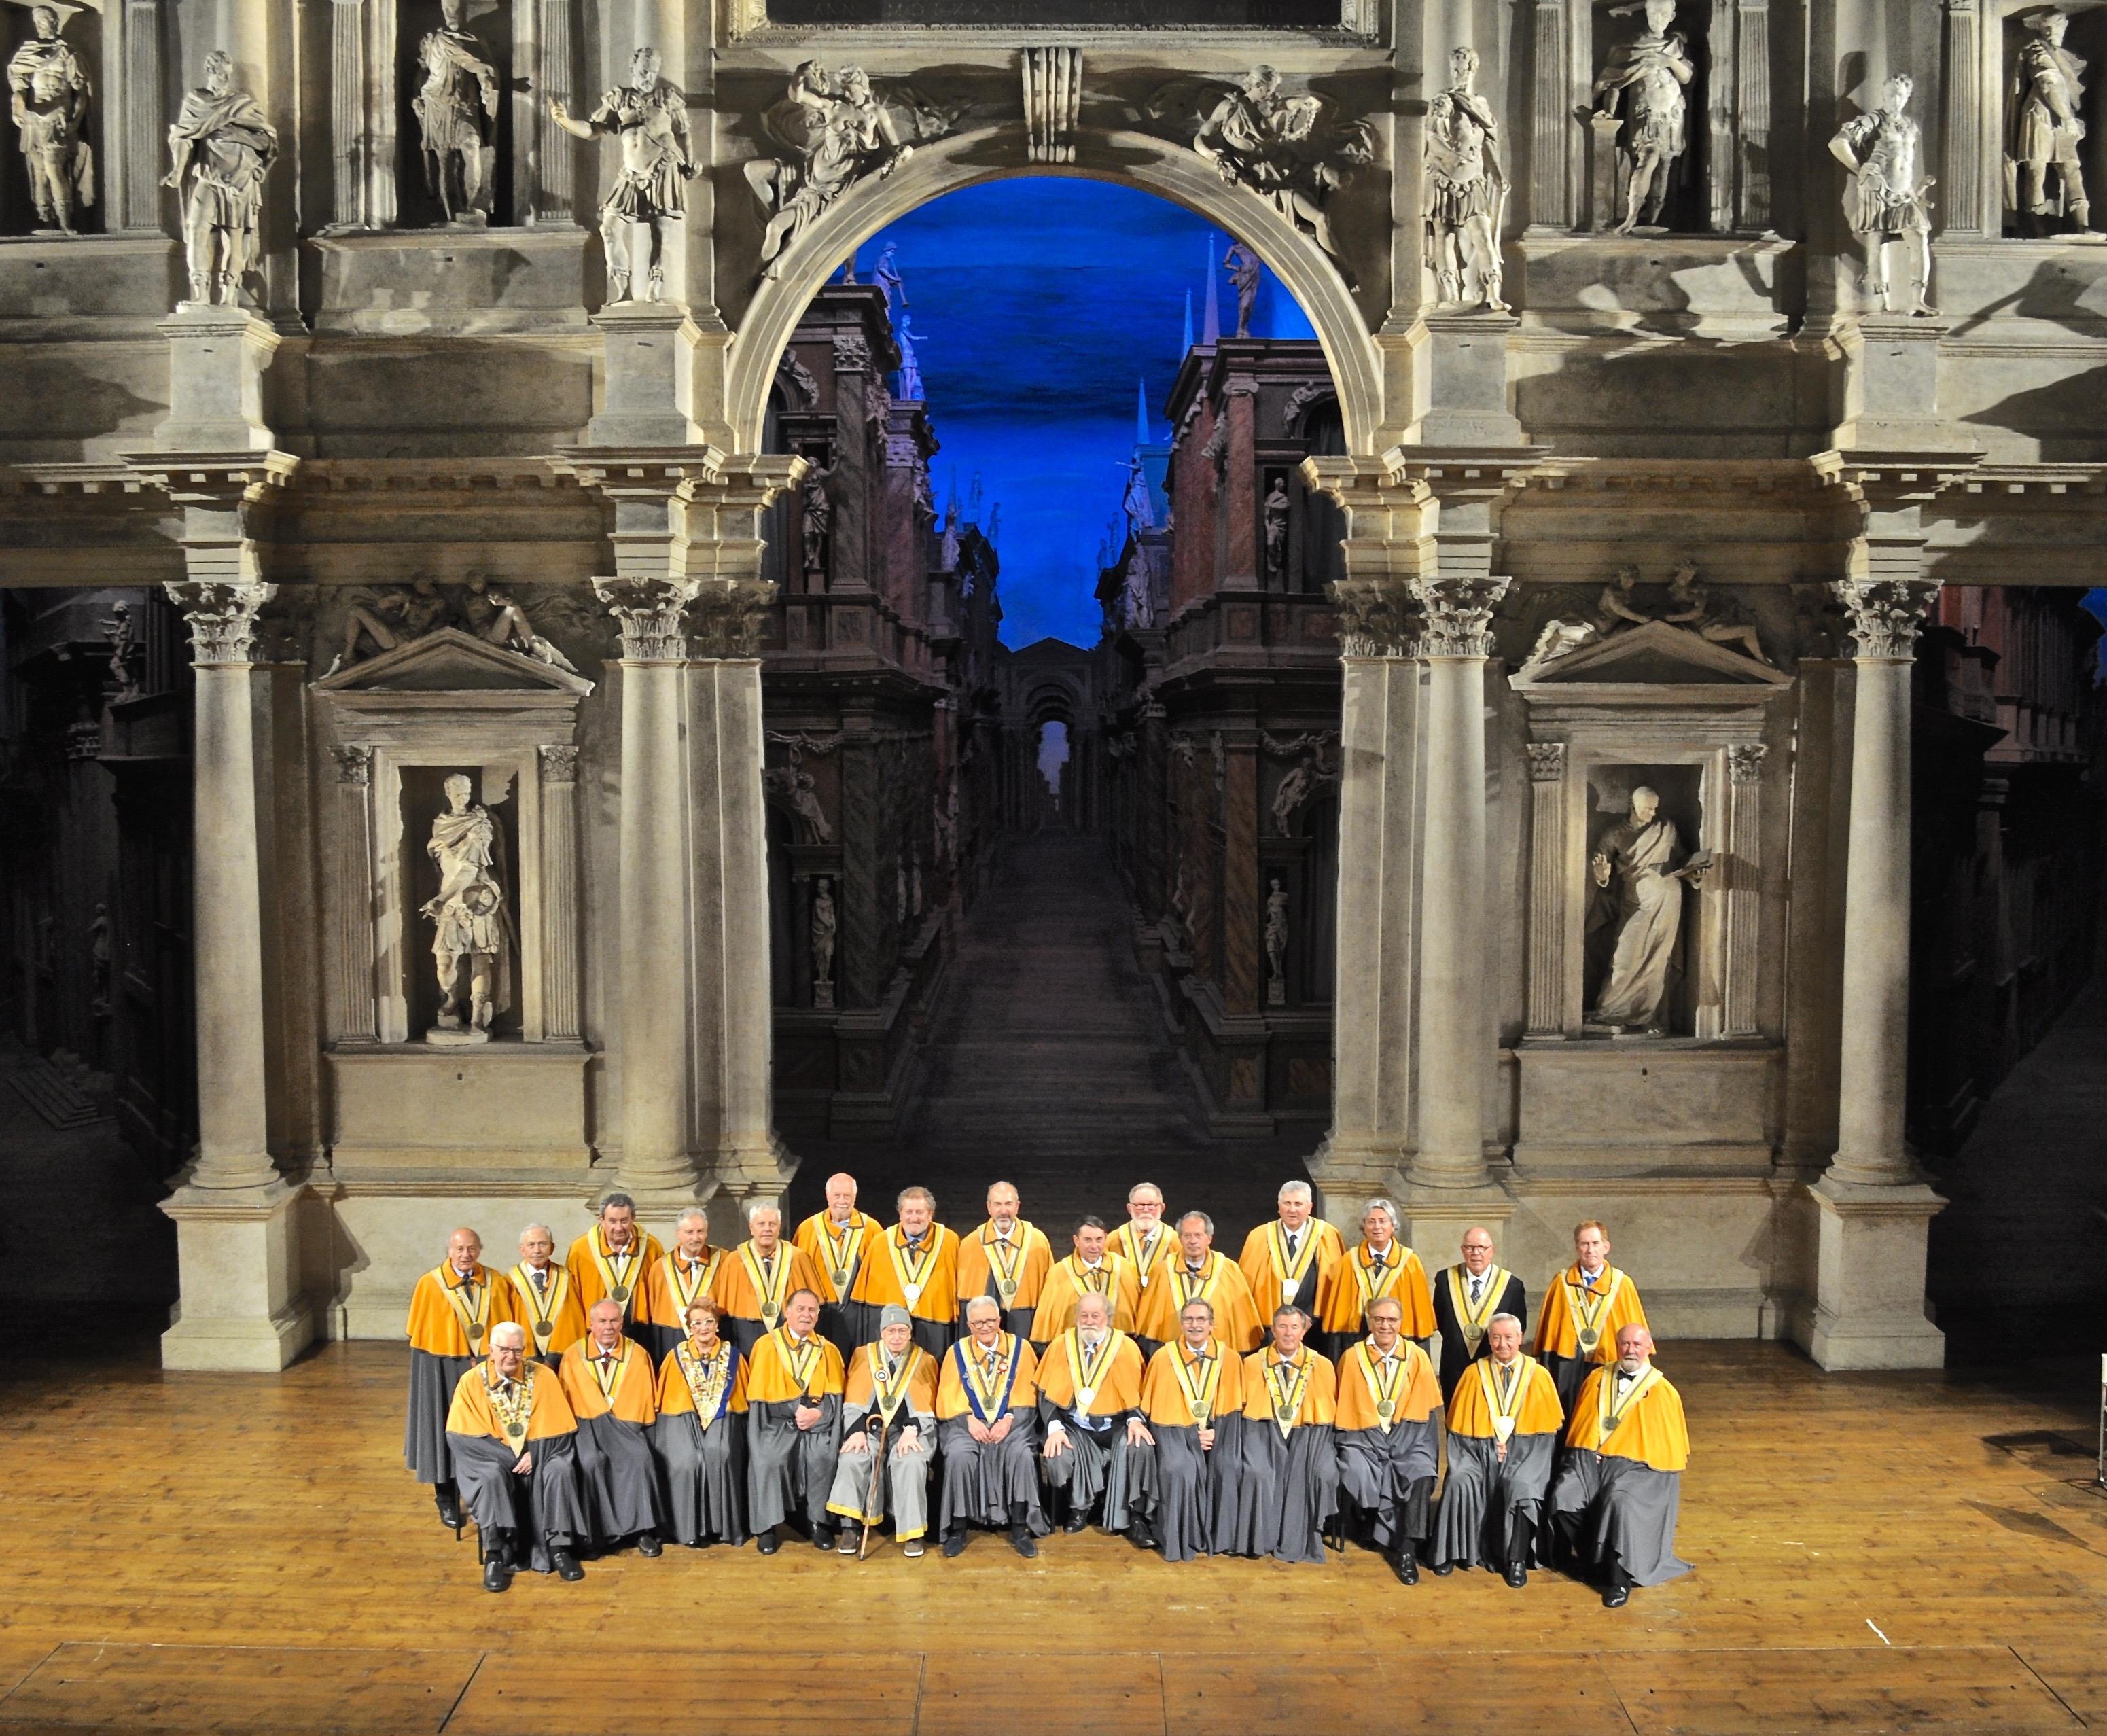 30 Anniversario Confraternita del Bacalà alla Vicentina in Teatro Olimpico di Vicenza